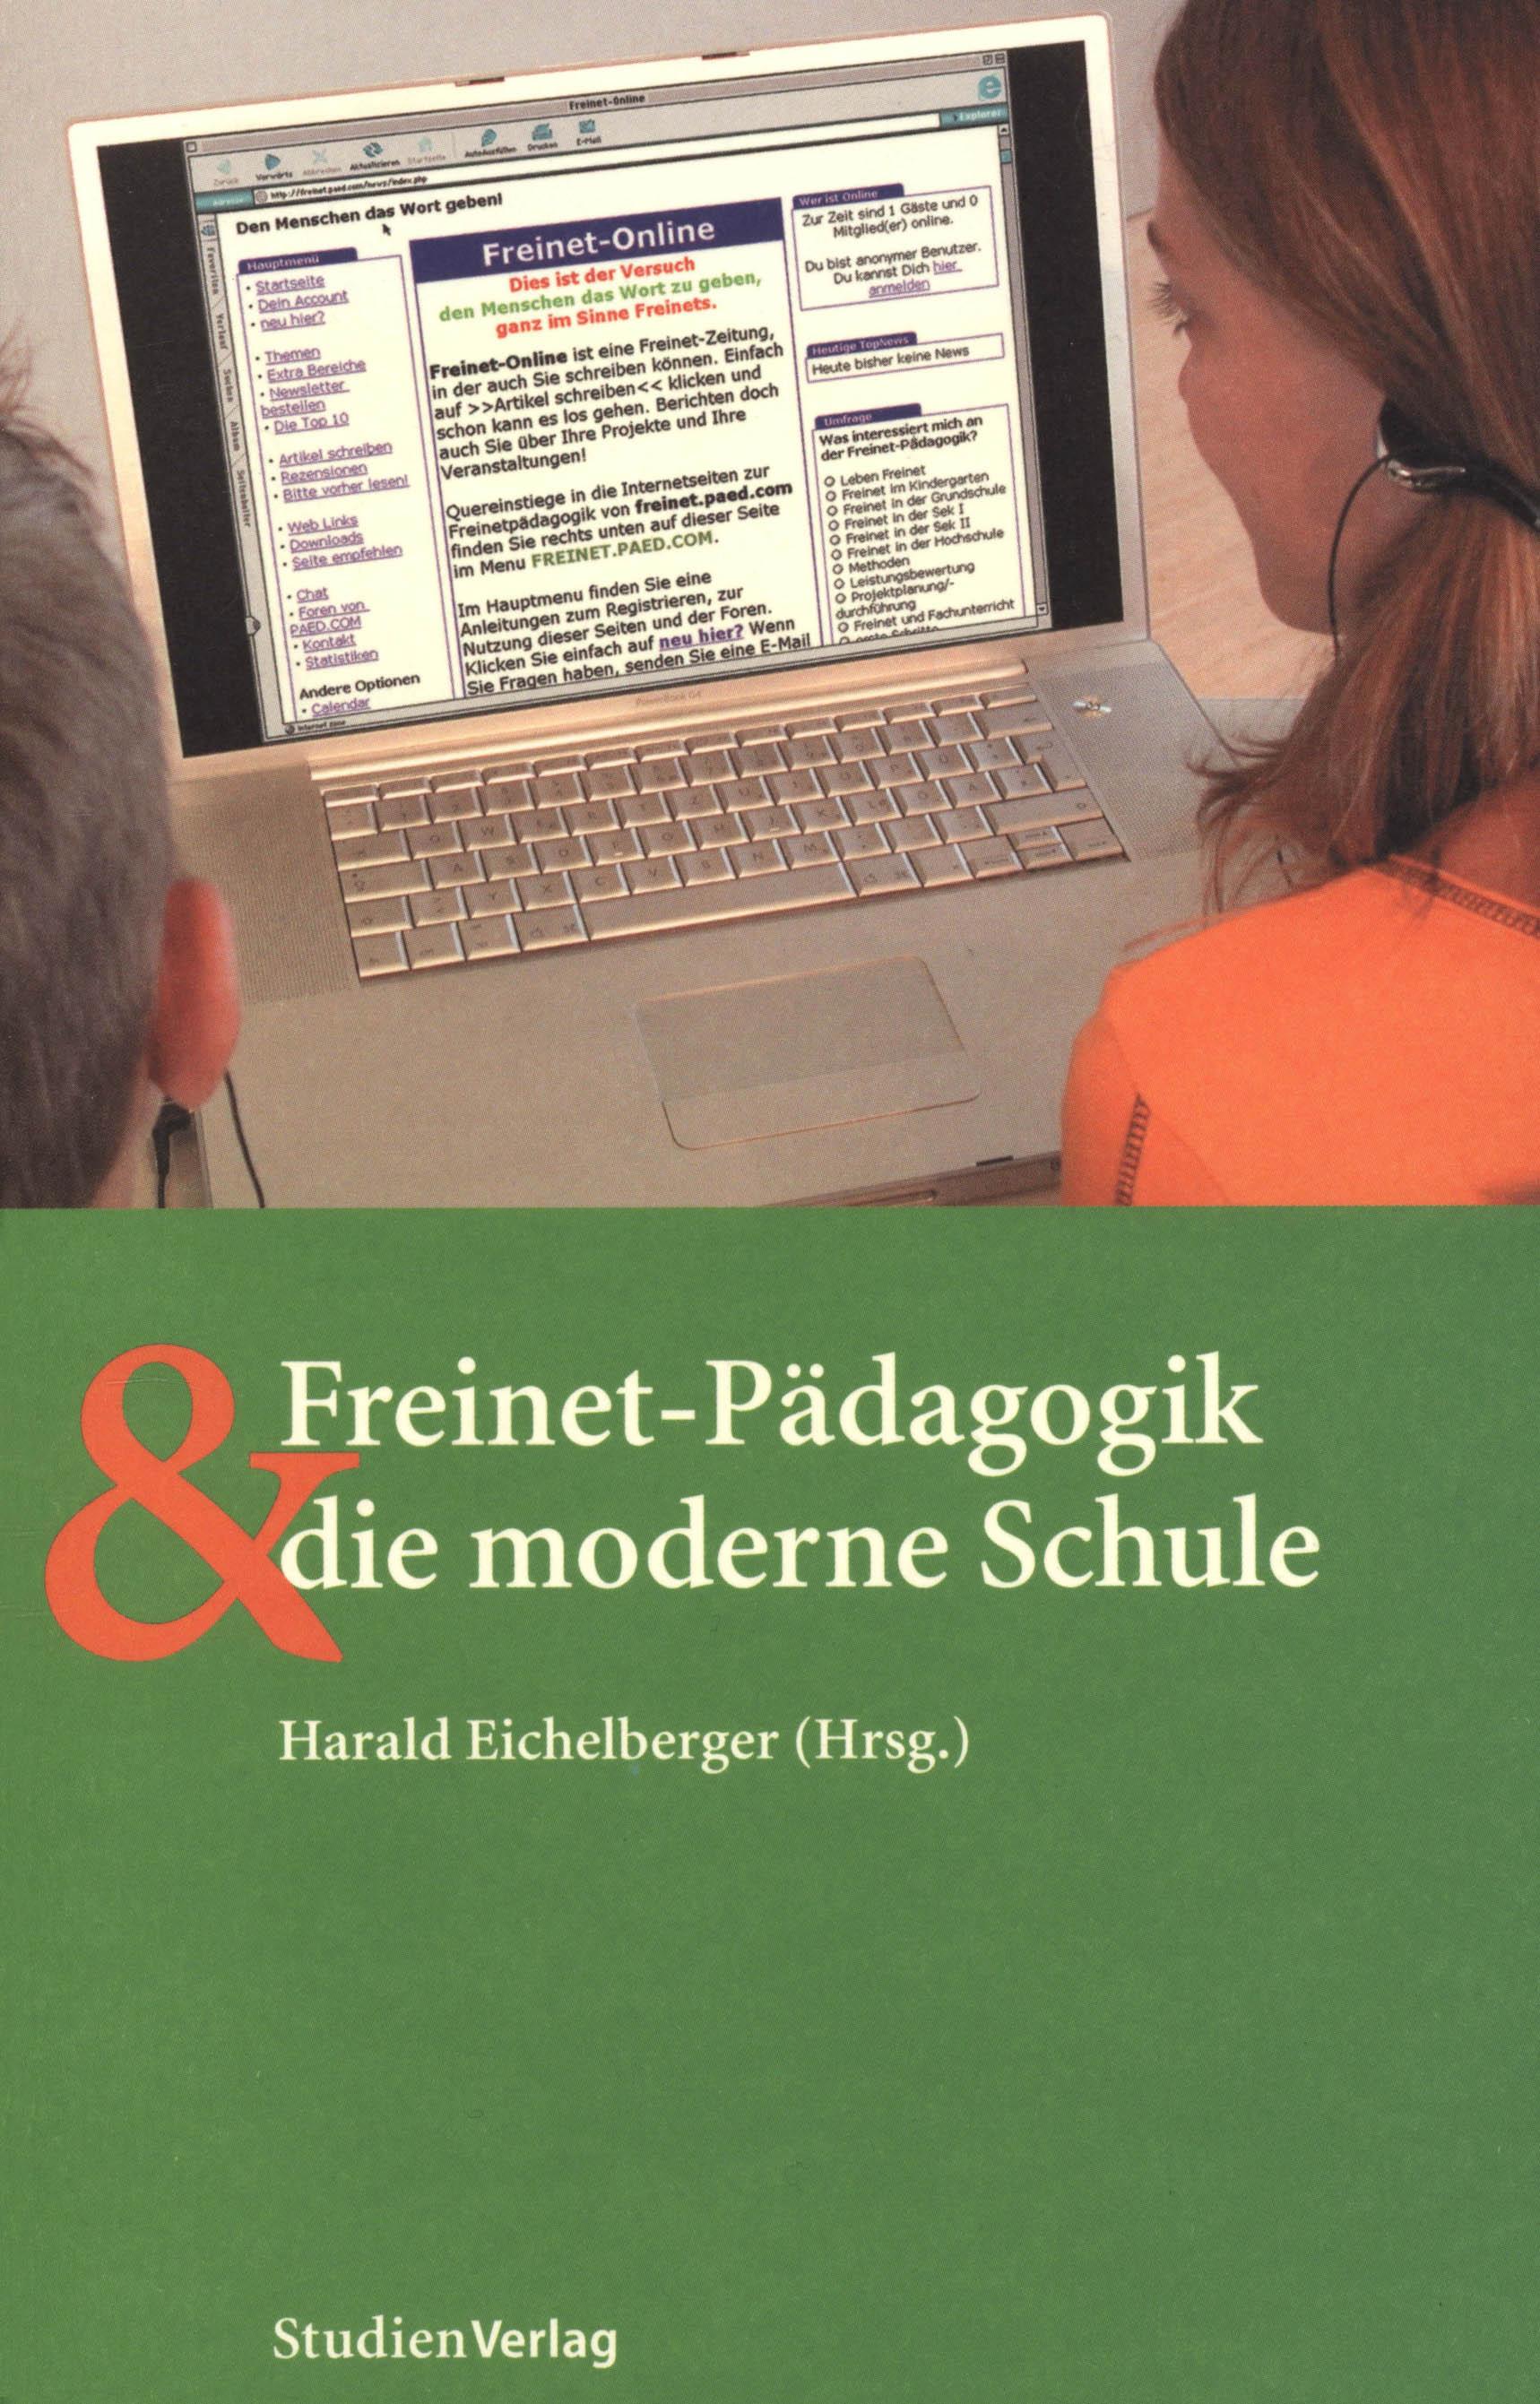 Harald Eichelberger Freinet-Pädagogik und die moderne Schule